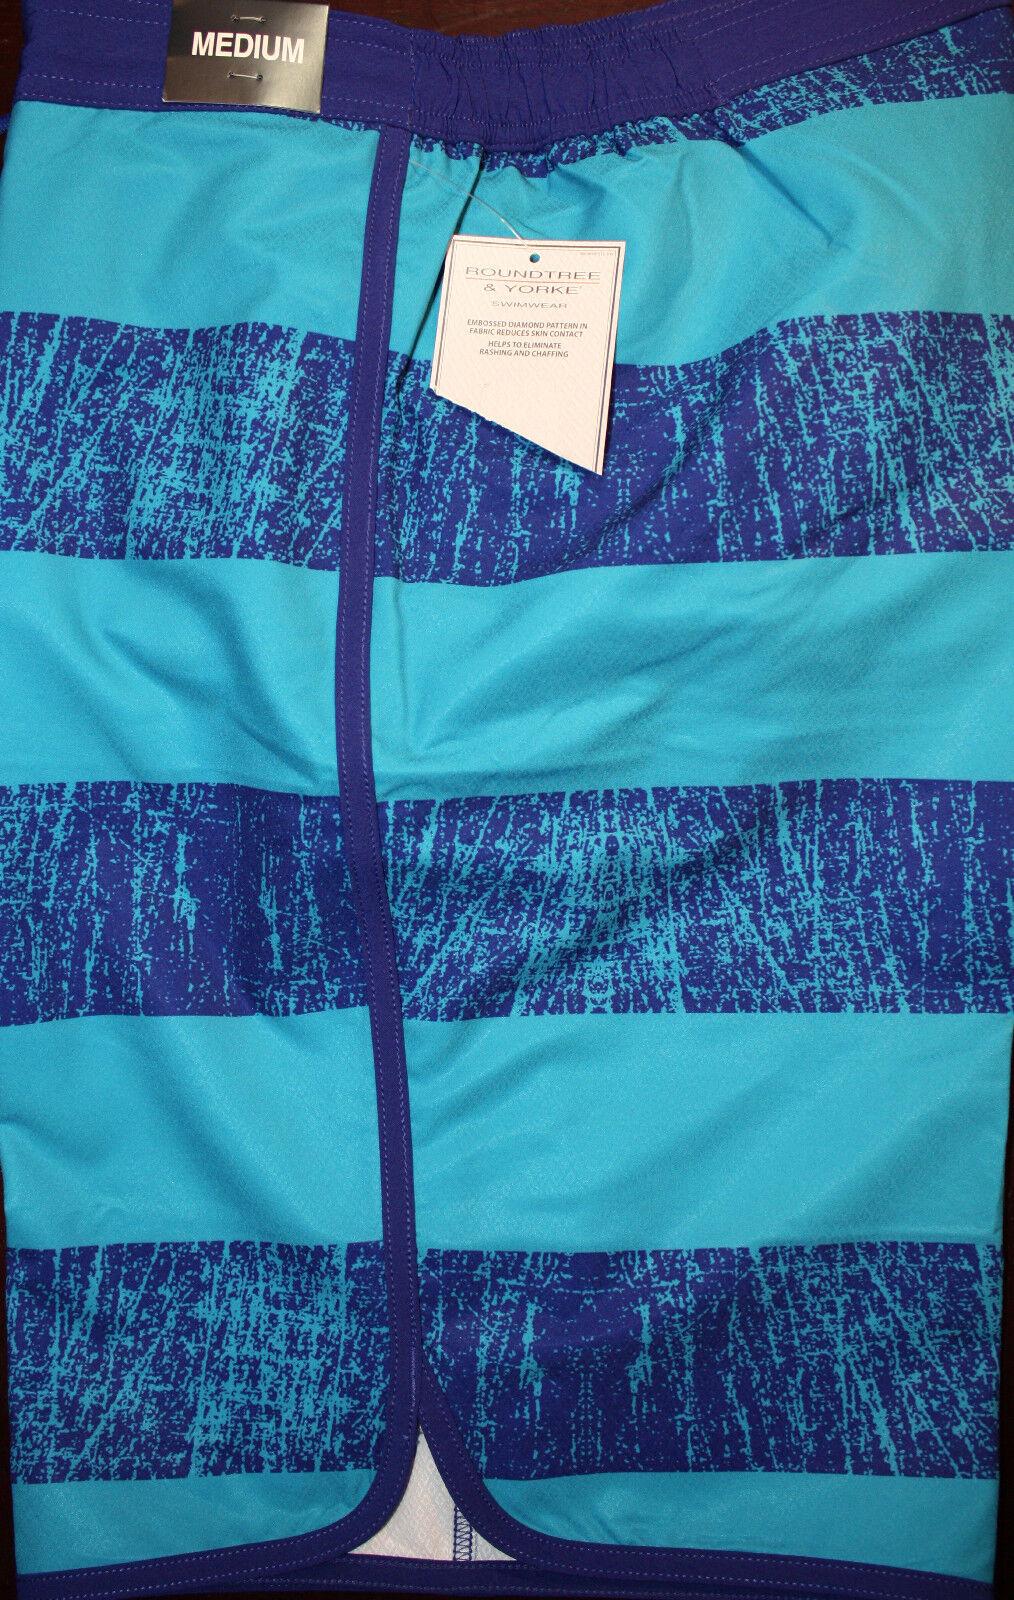 DILLARD'S CREMIEUX Nautical Striped Elastic Mens Swimwear Trunks M  F881 Rt